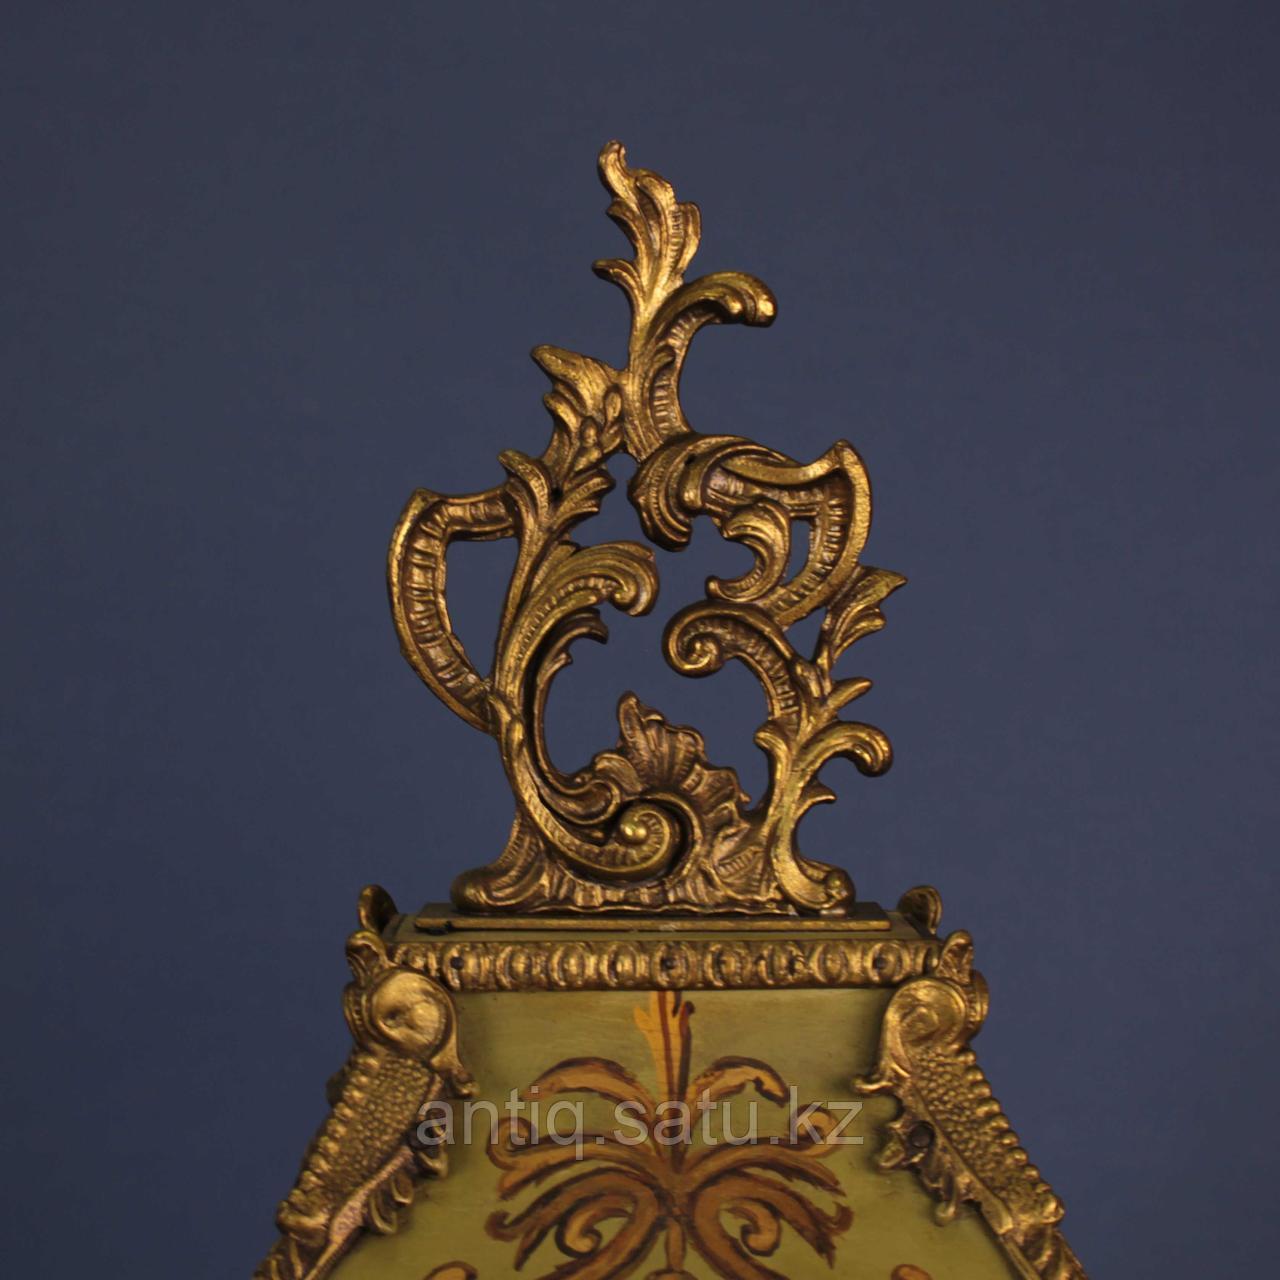 ЧАСЫ В ТЕХНИКЕ BOULLE. Происхождение Франция. II половина XIX века. - фото 3